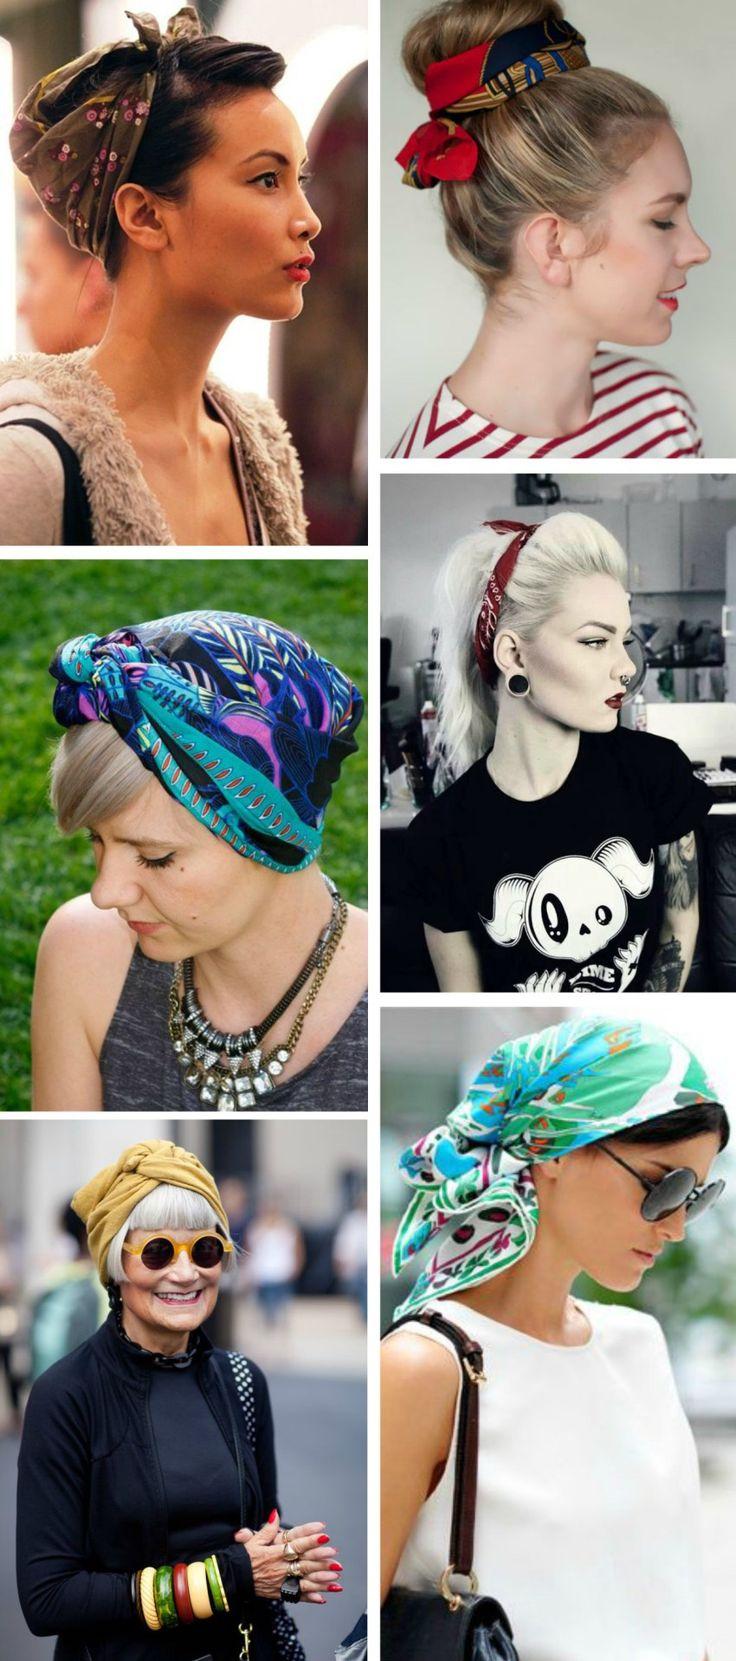 89 melhores imagens de penteados no Pinterest   Cachos, Penteados e ... c247860604